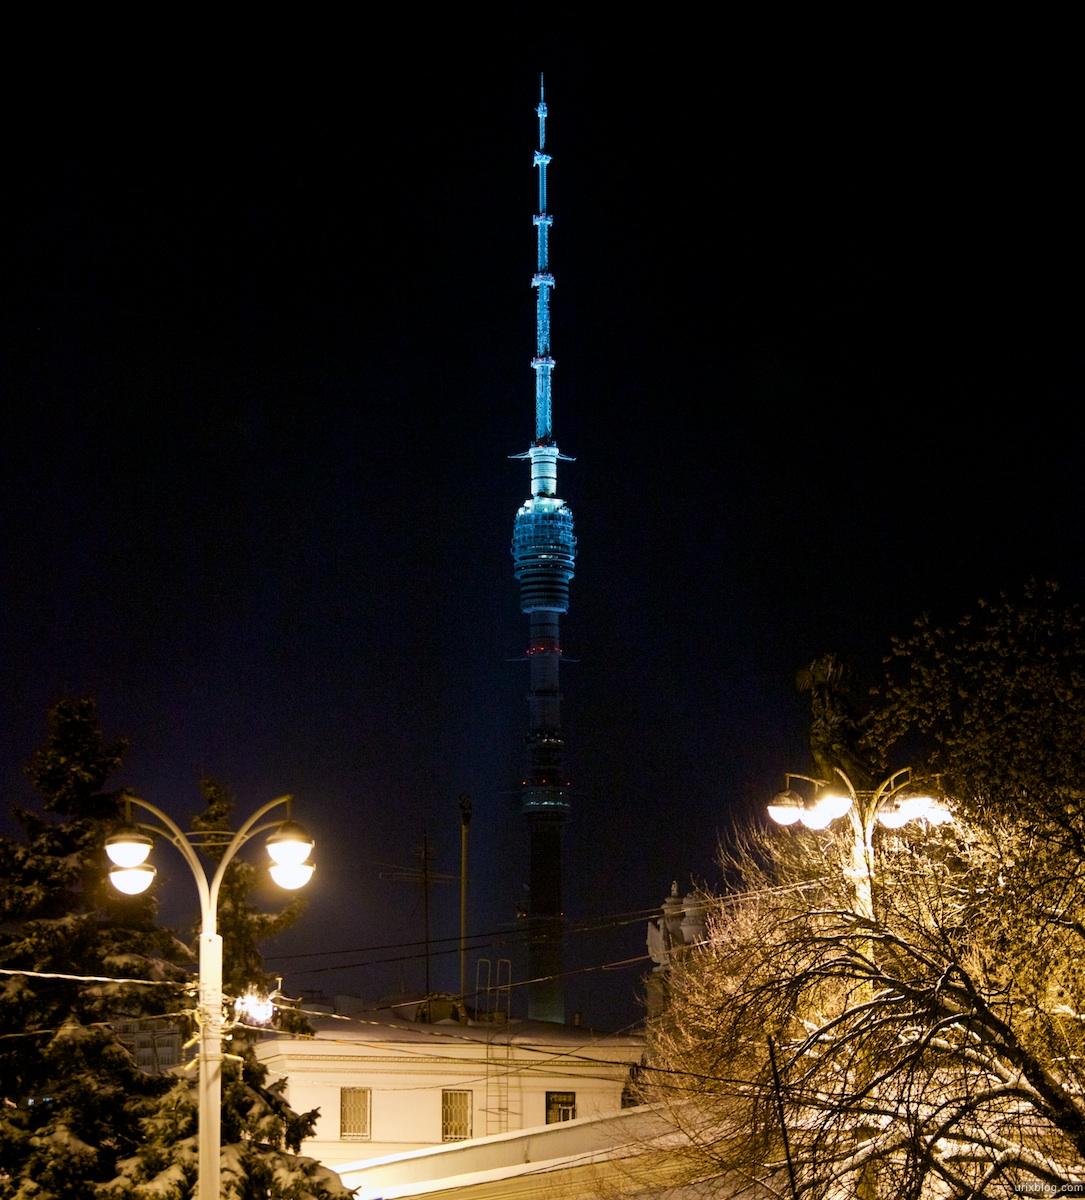 2010 ВДНХ вечер зима снег Москва